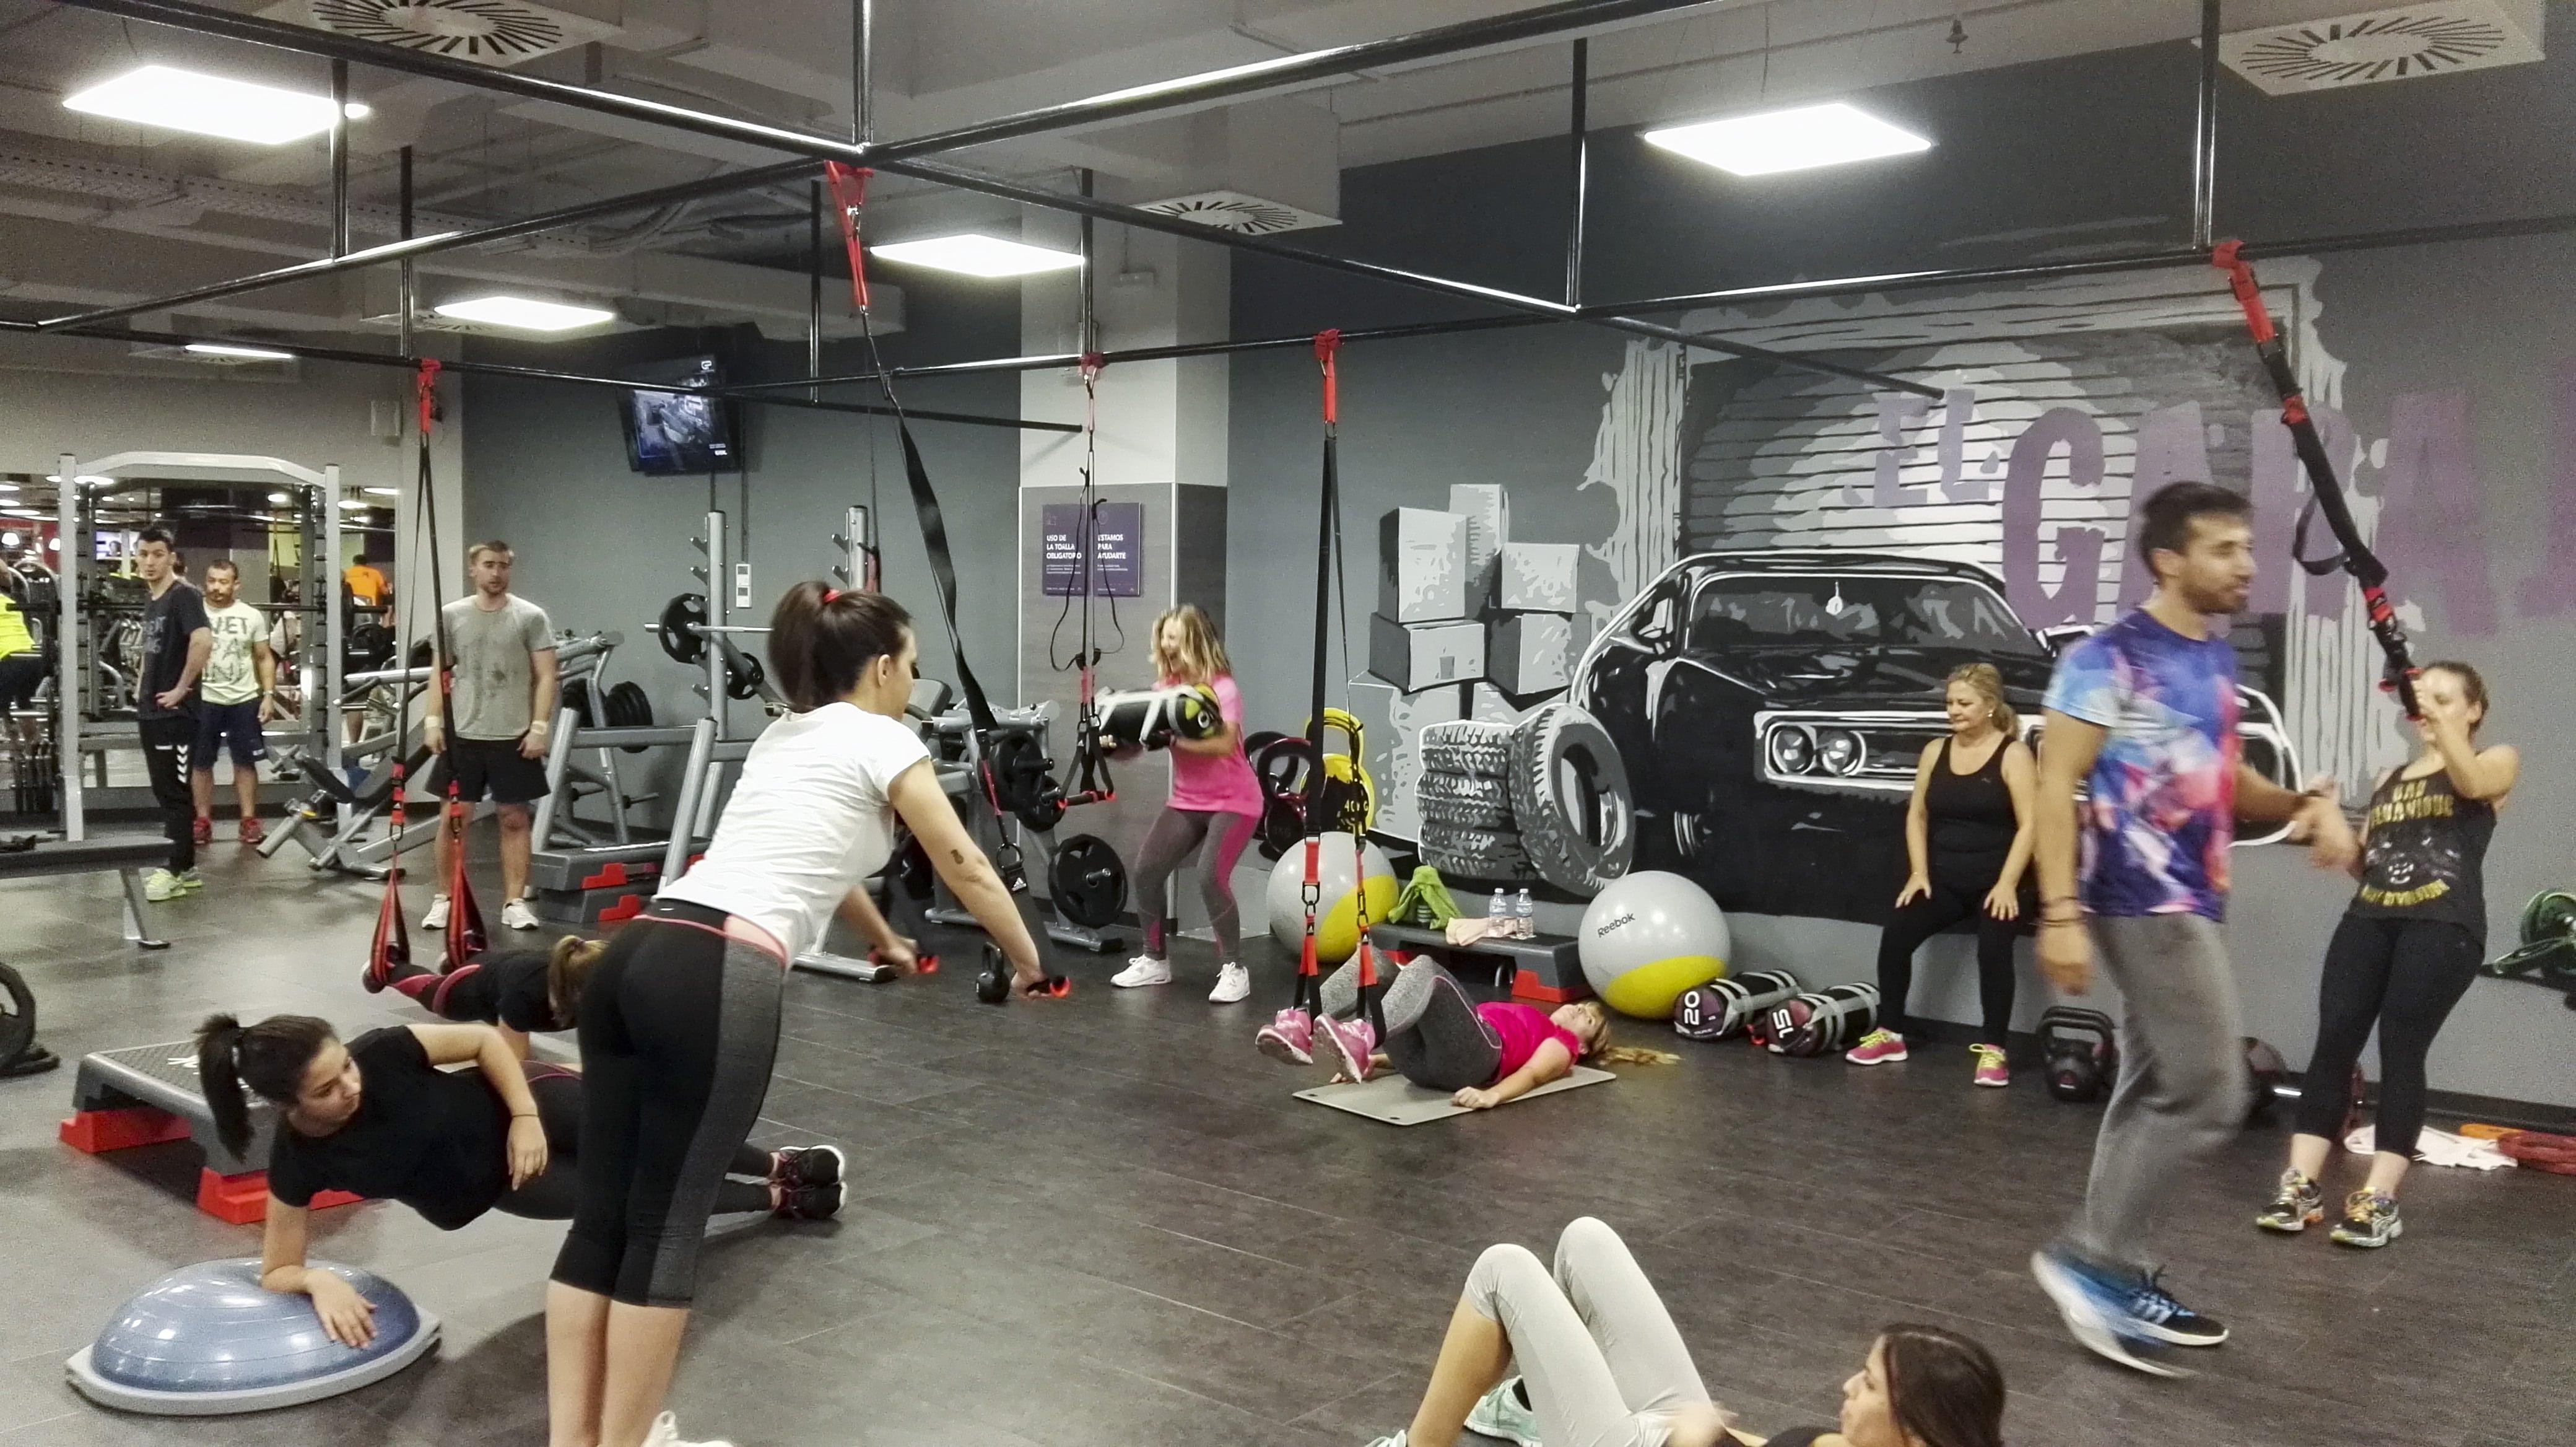 A mal tiempo buen entreno indoor ven al gimnasio for Entrenamiento gimnasio